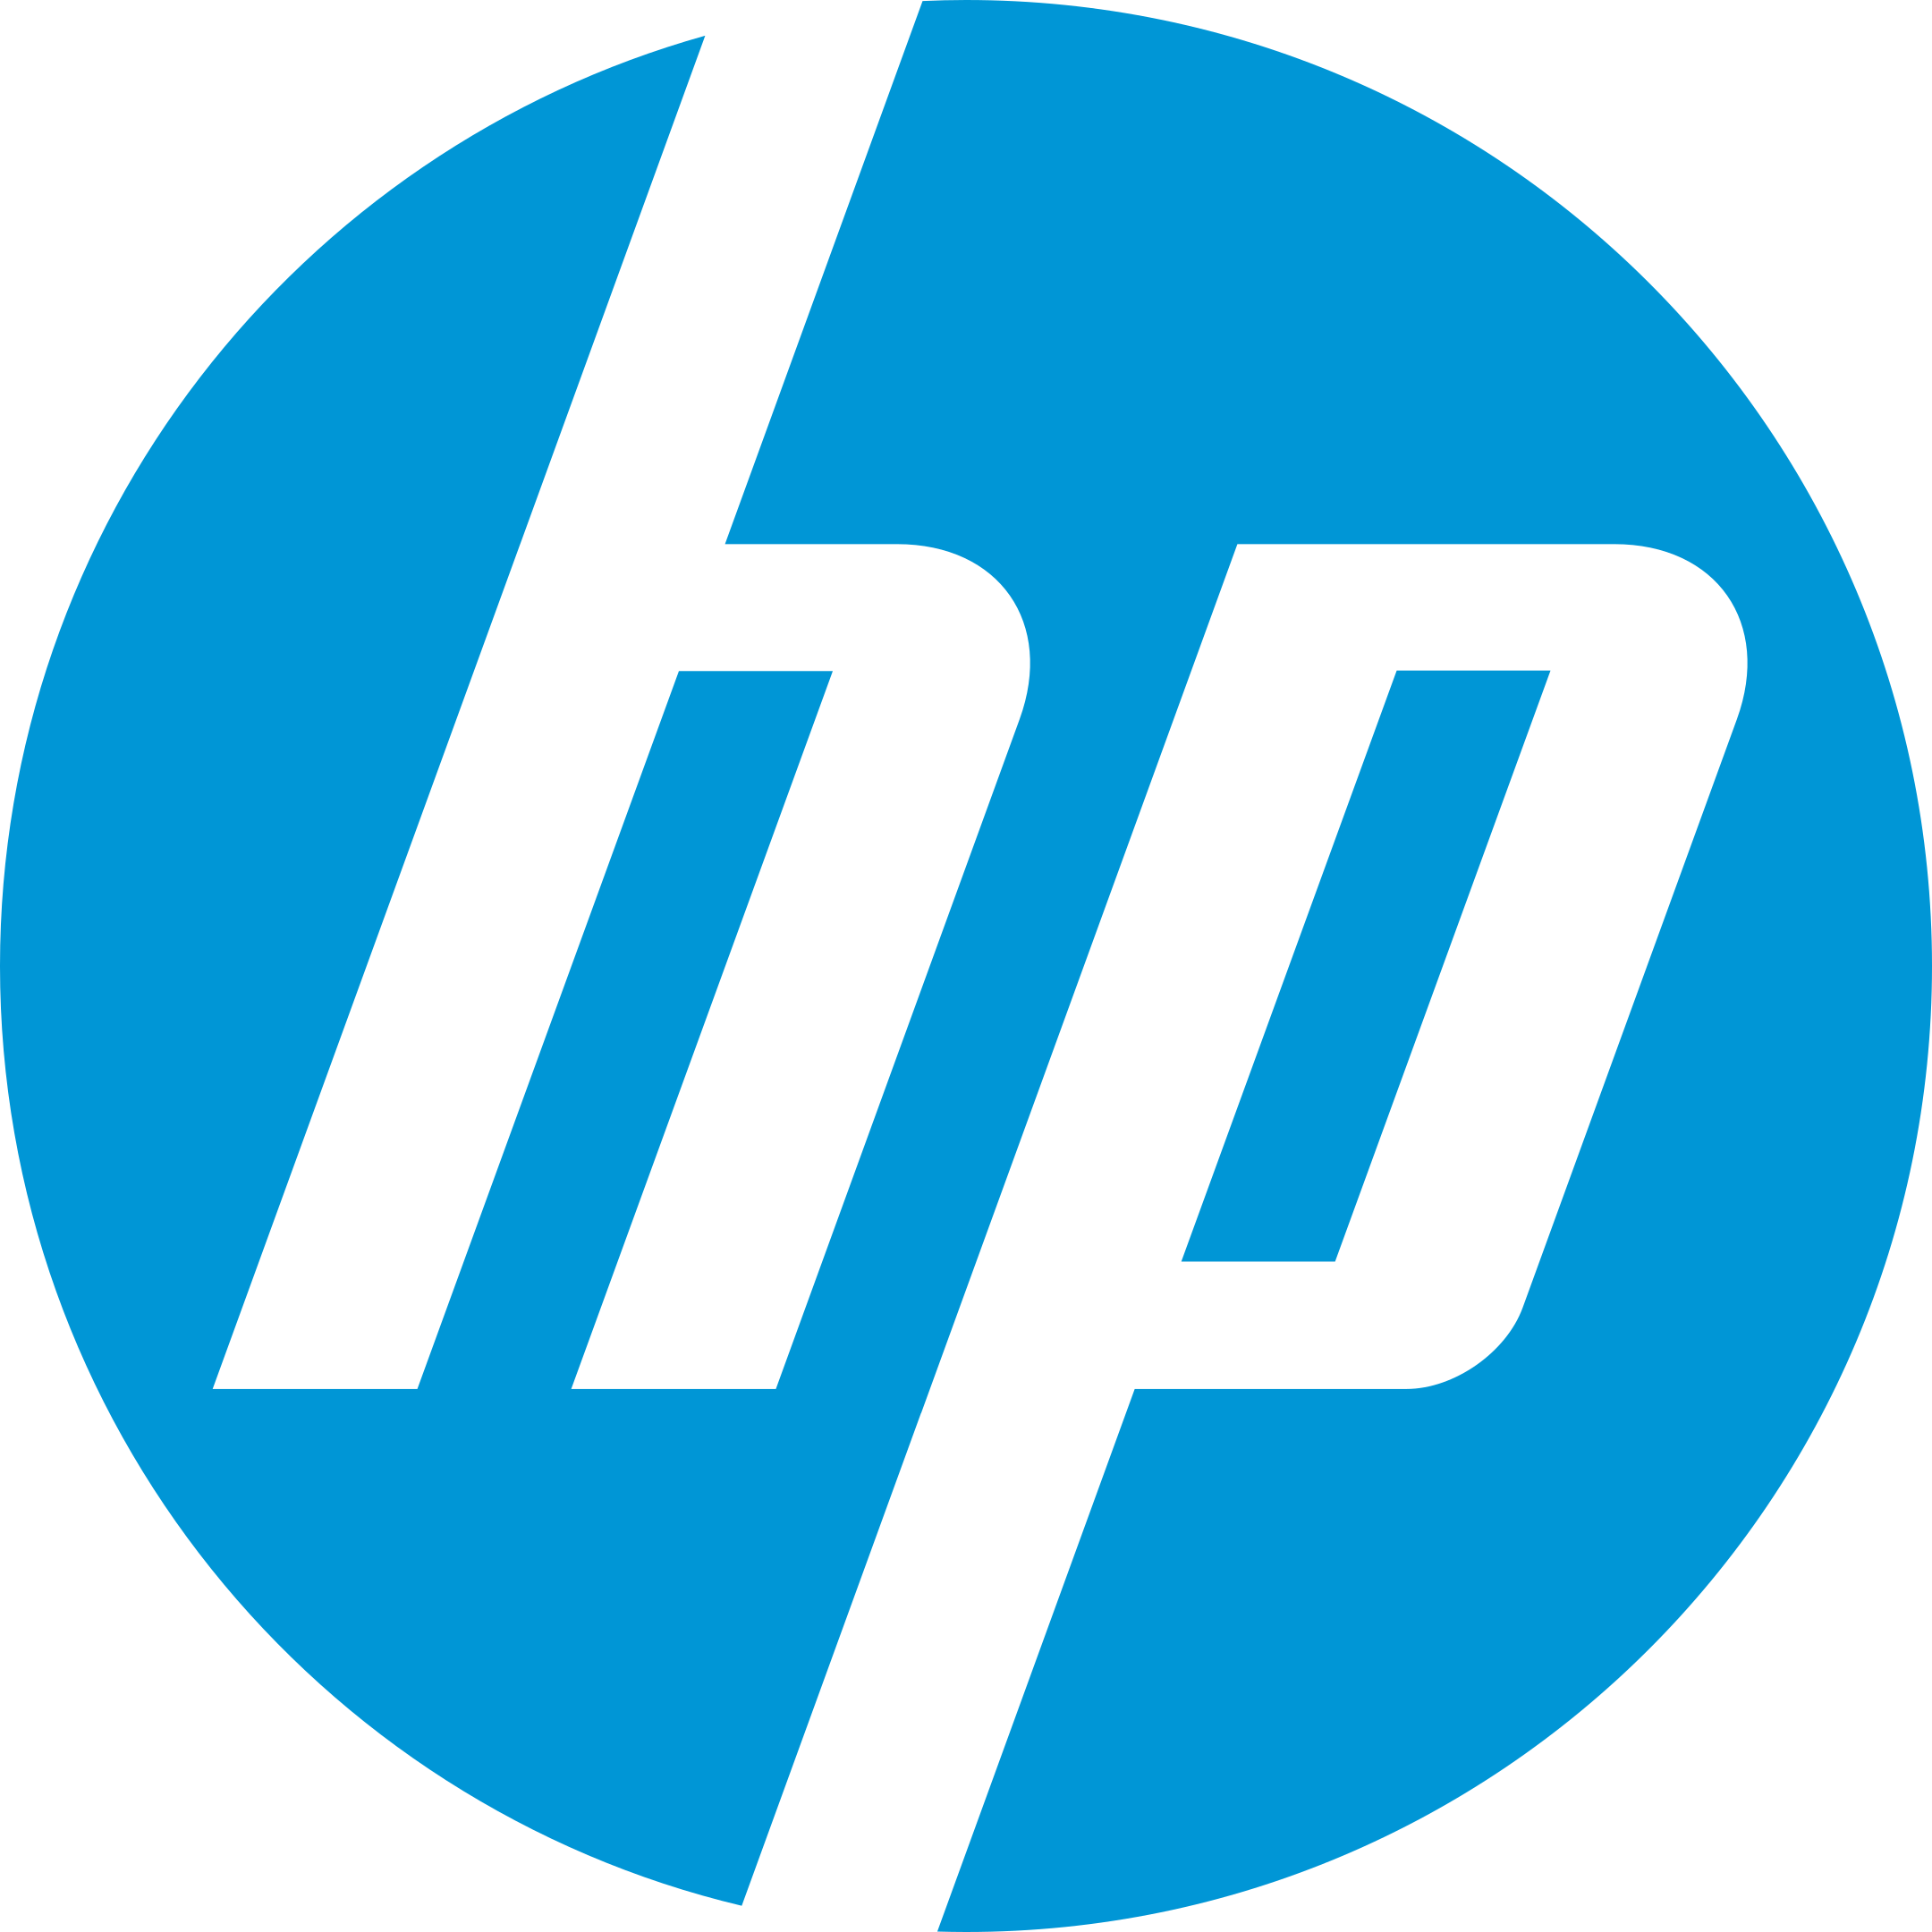 hp logo 1 - Hp Logo